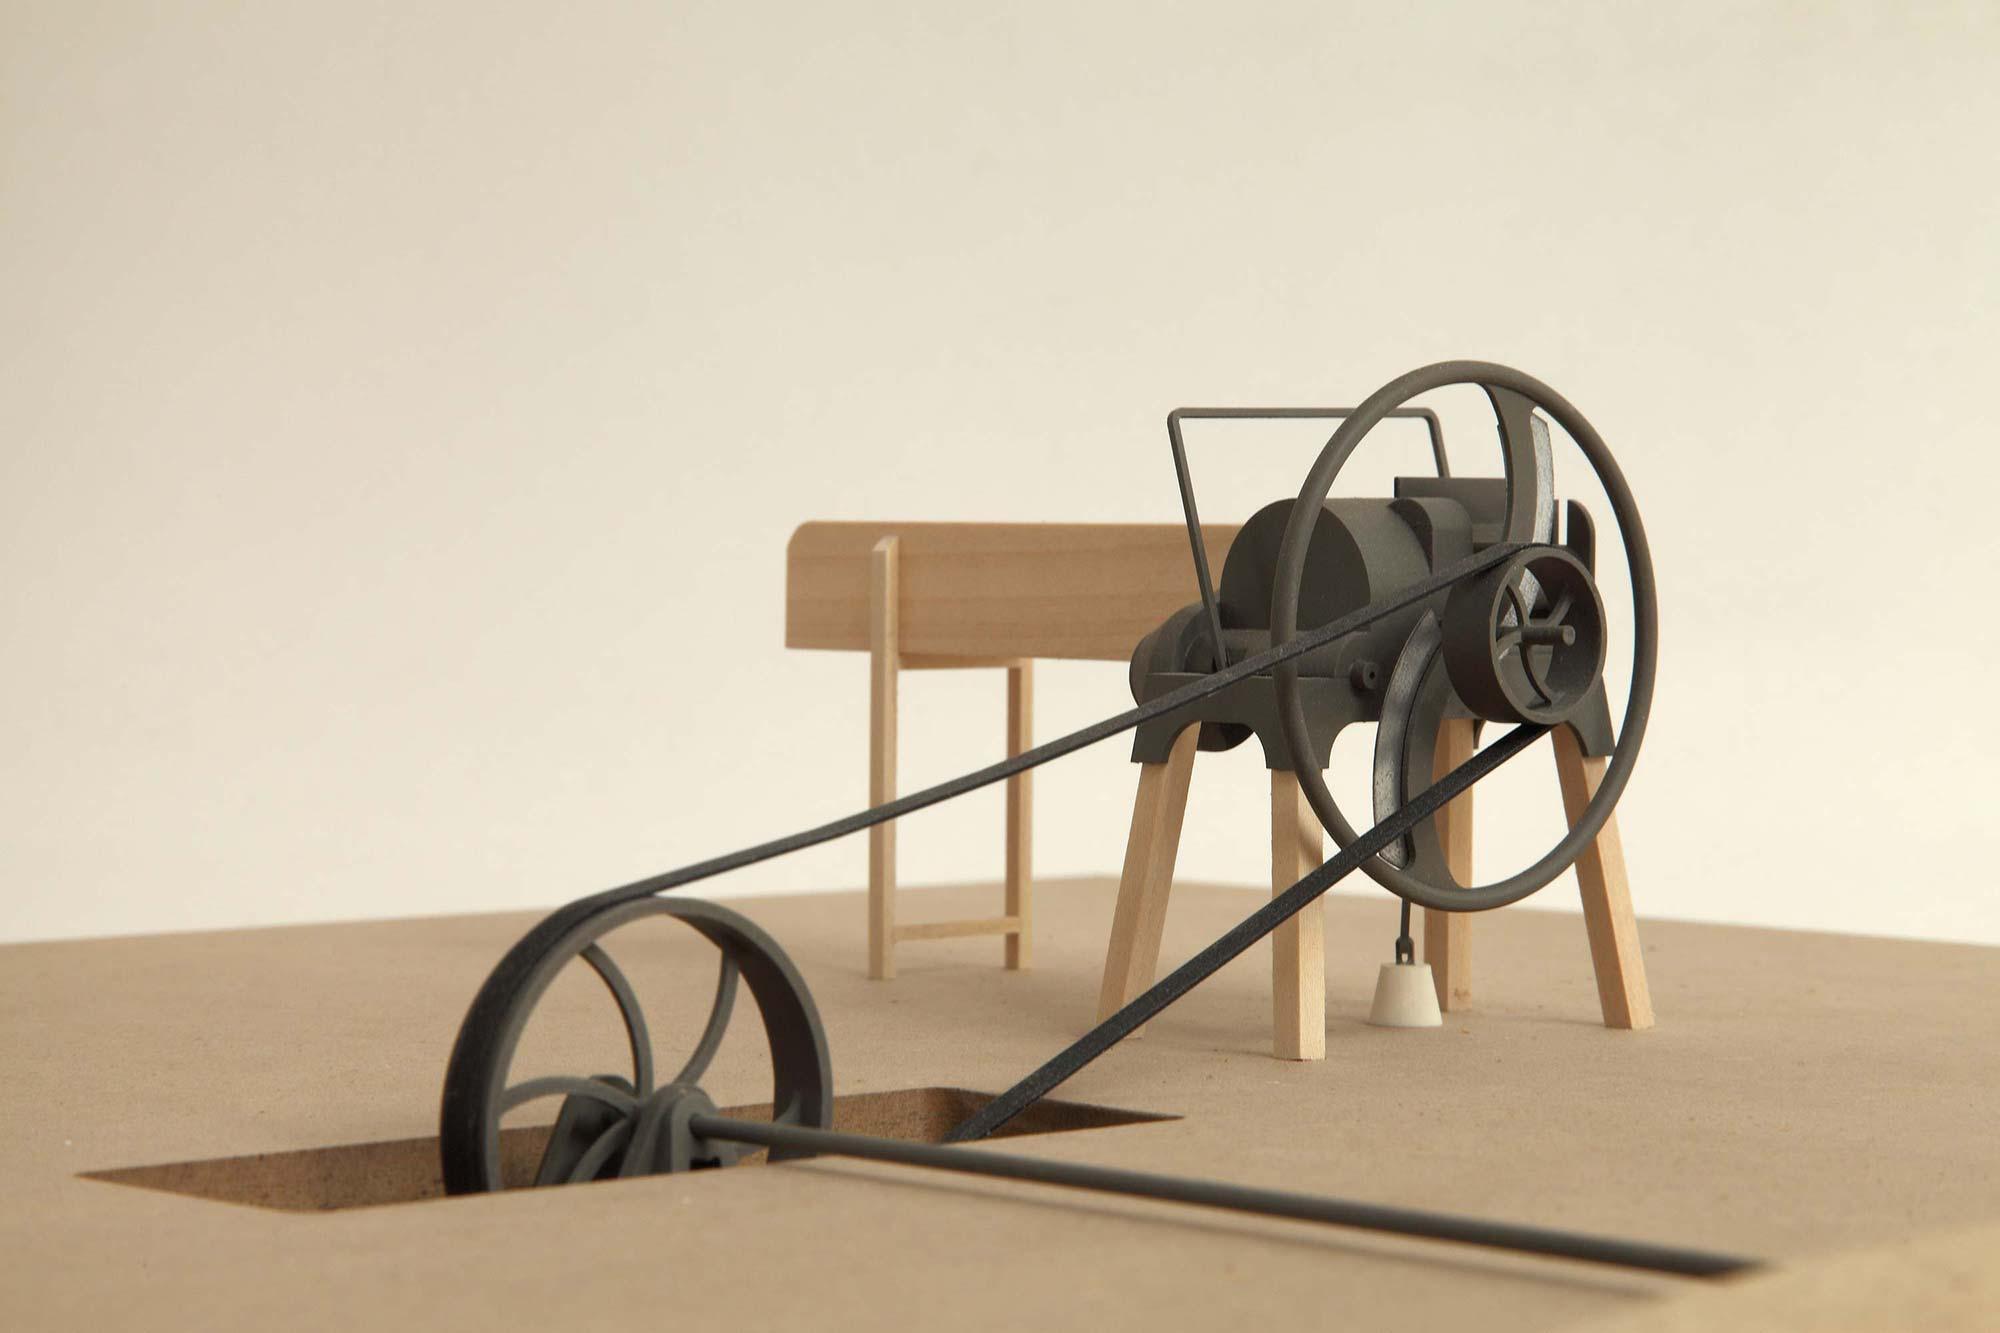 Modell der Häckselmaschine